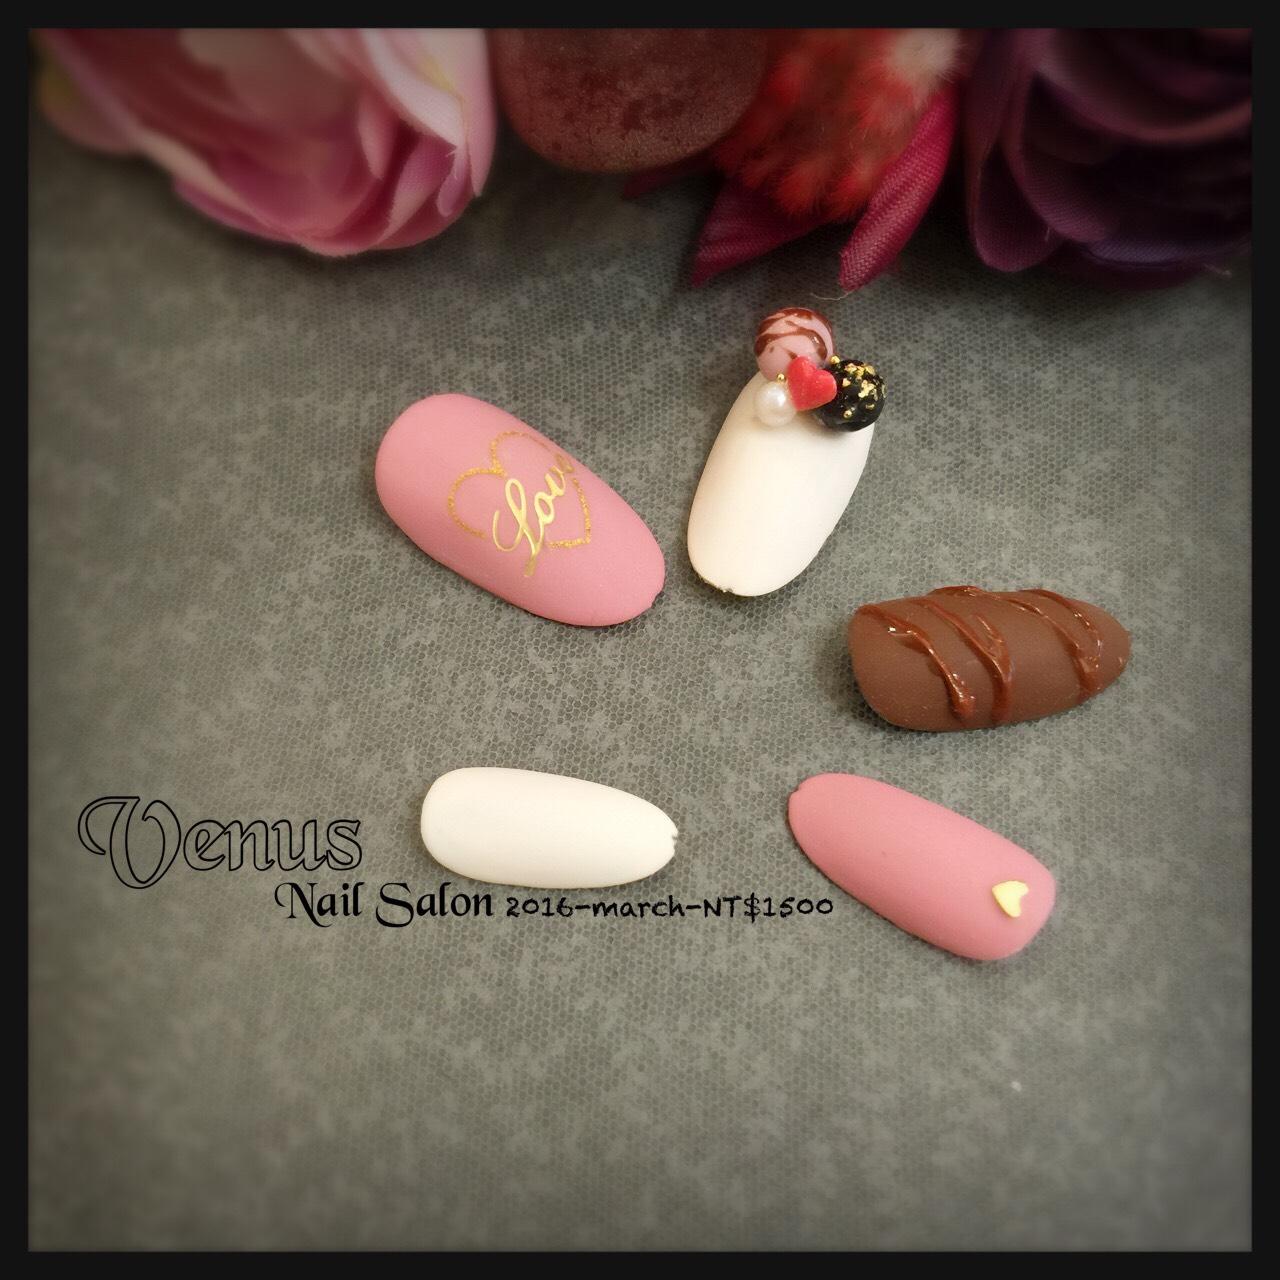 台北中山捷運站指甲光療-東京迪士尼圓夢旅行,睡美人指尖 Sleeping Beauty nailstyle!